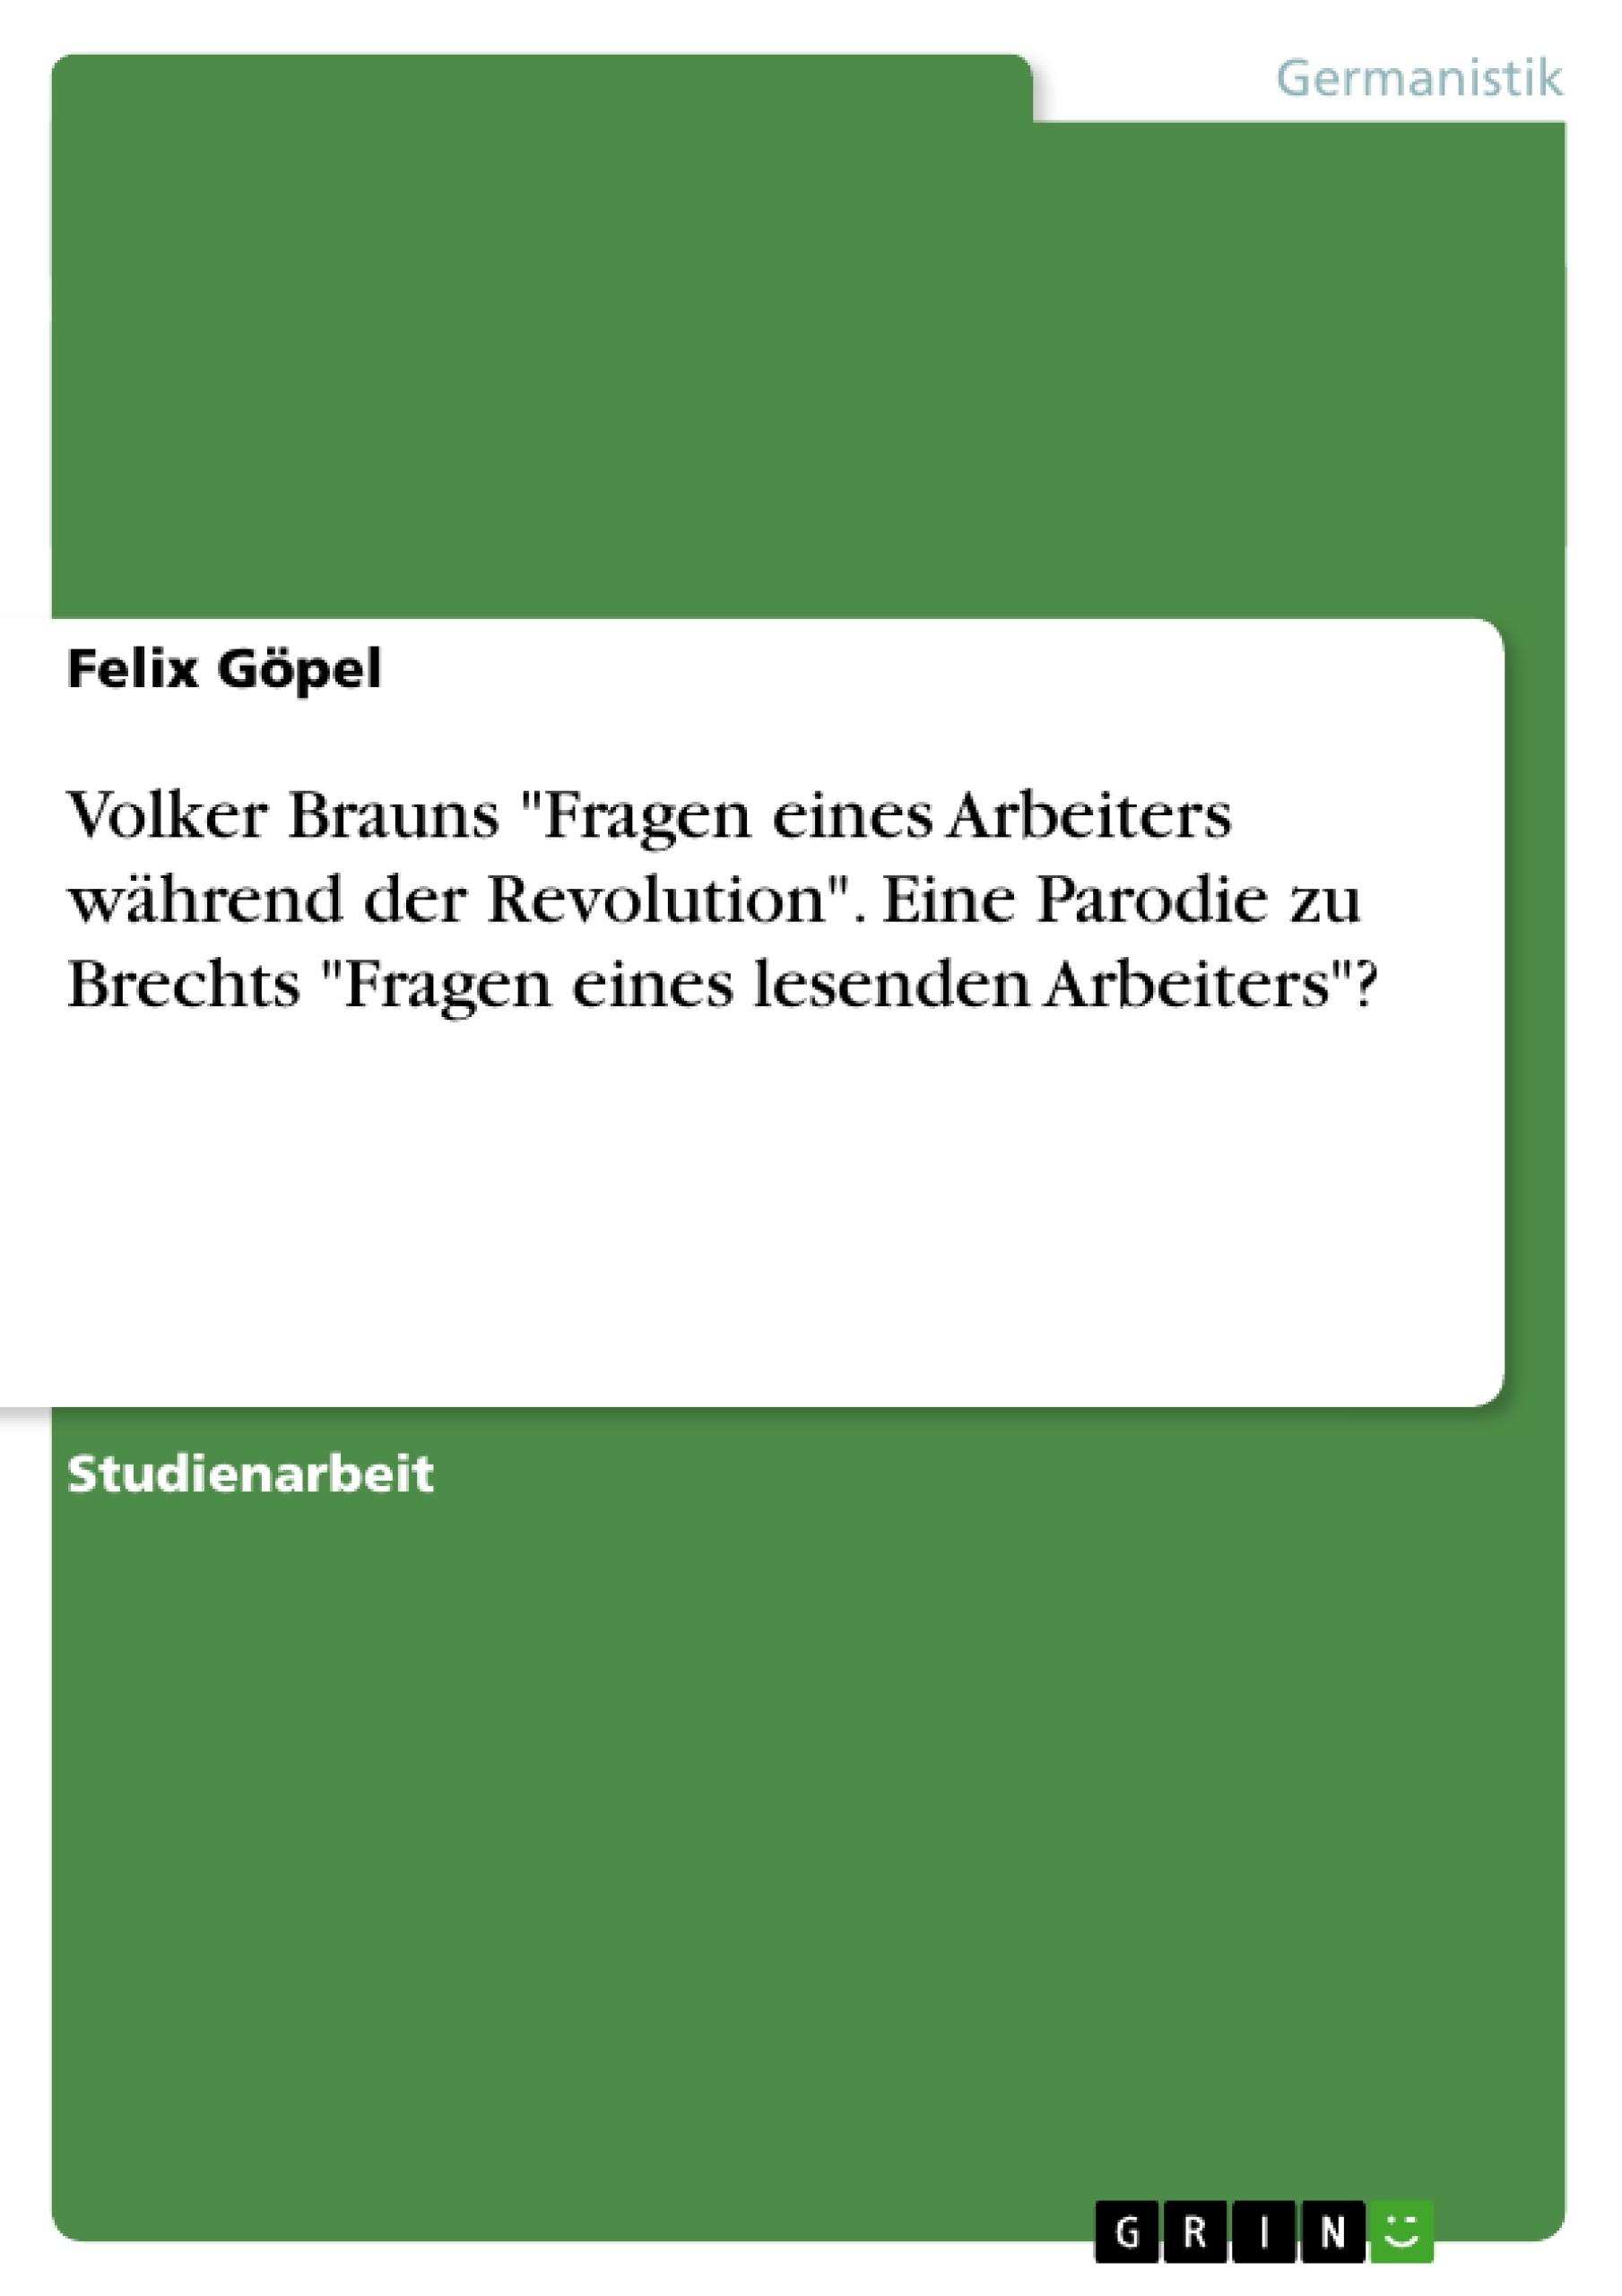 """Titel: Volker Brauns """"Fragen eines Arbeiters während der Revolution"""". Eine Parodie zu Brechts """"Fragen eines lesenden Arbeiters""""?"""